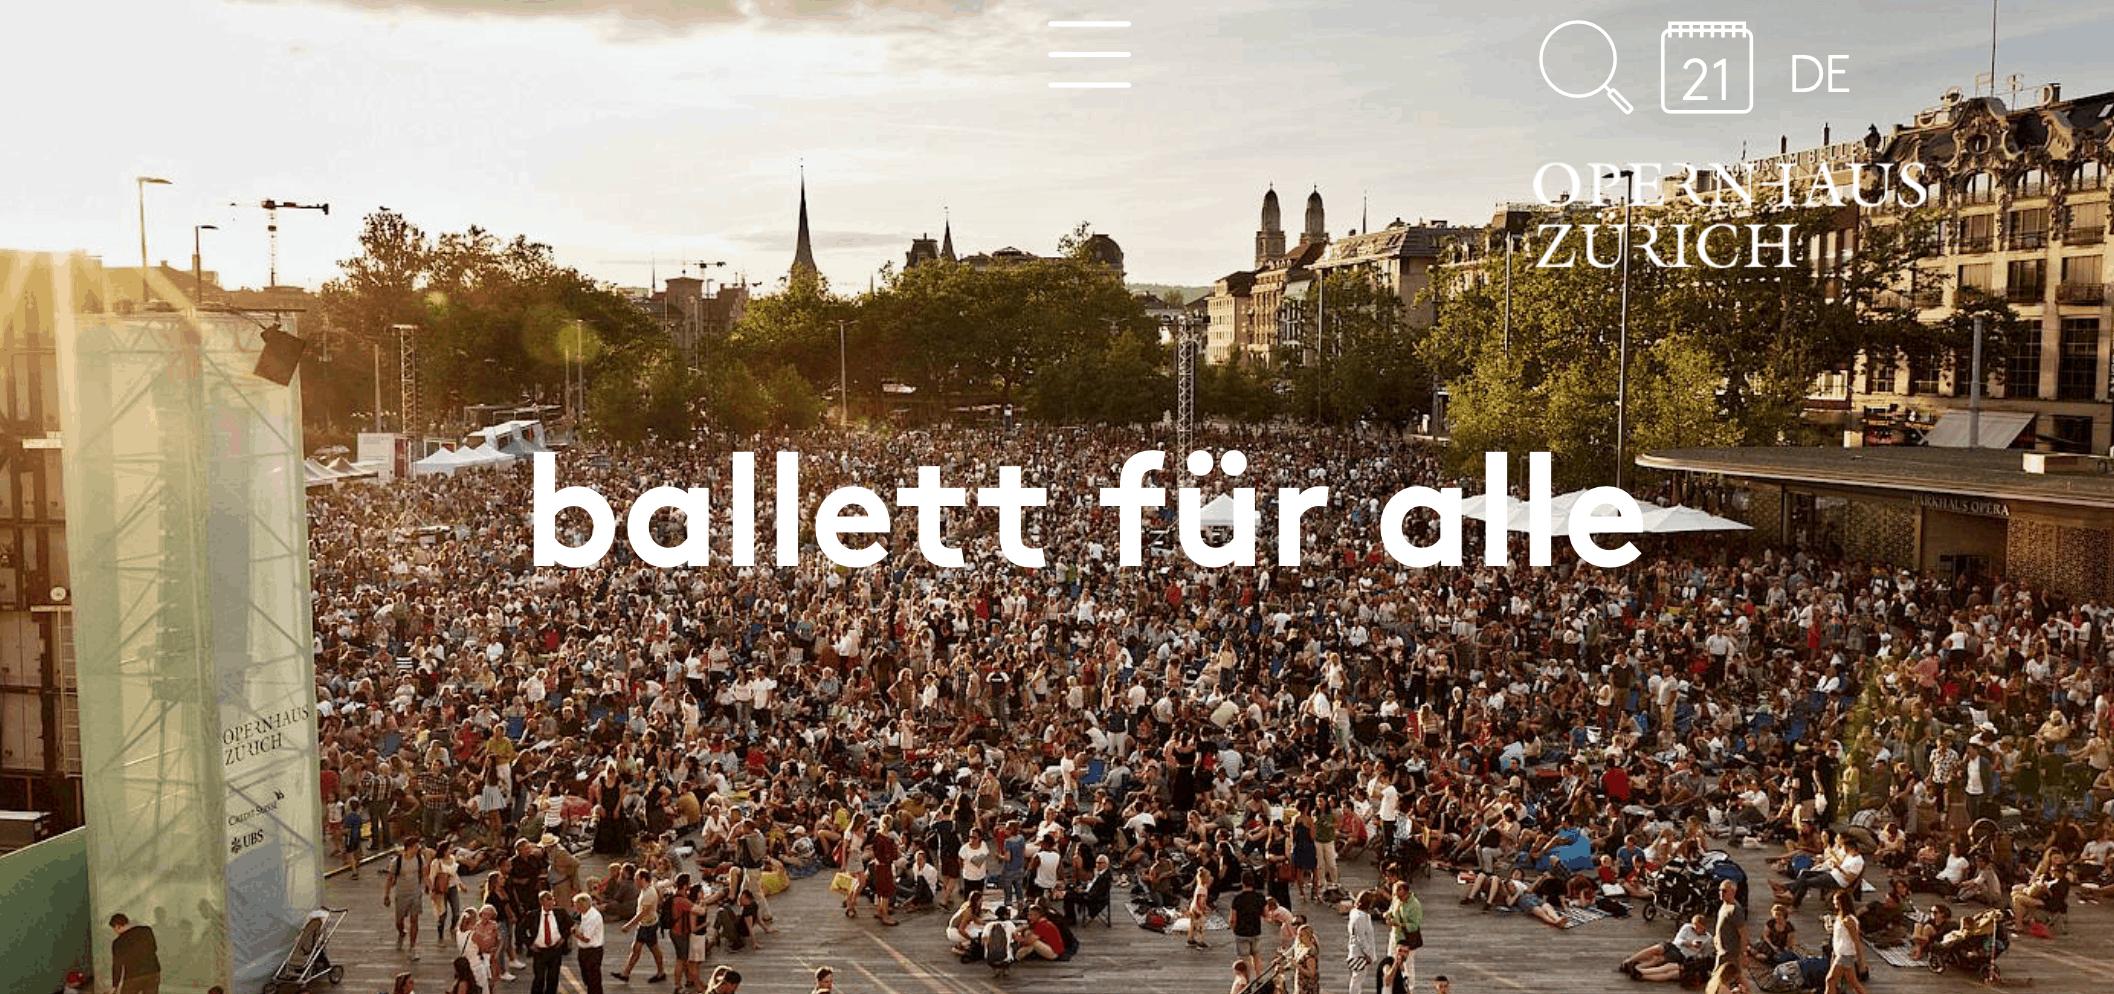 Free Ballet - ballett für alle Sechseläutenplatz Zurich